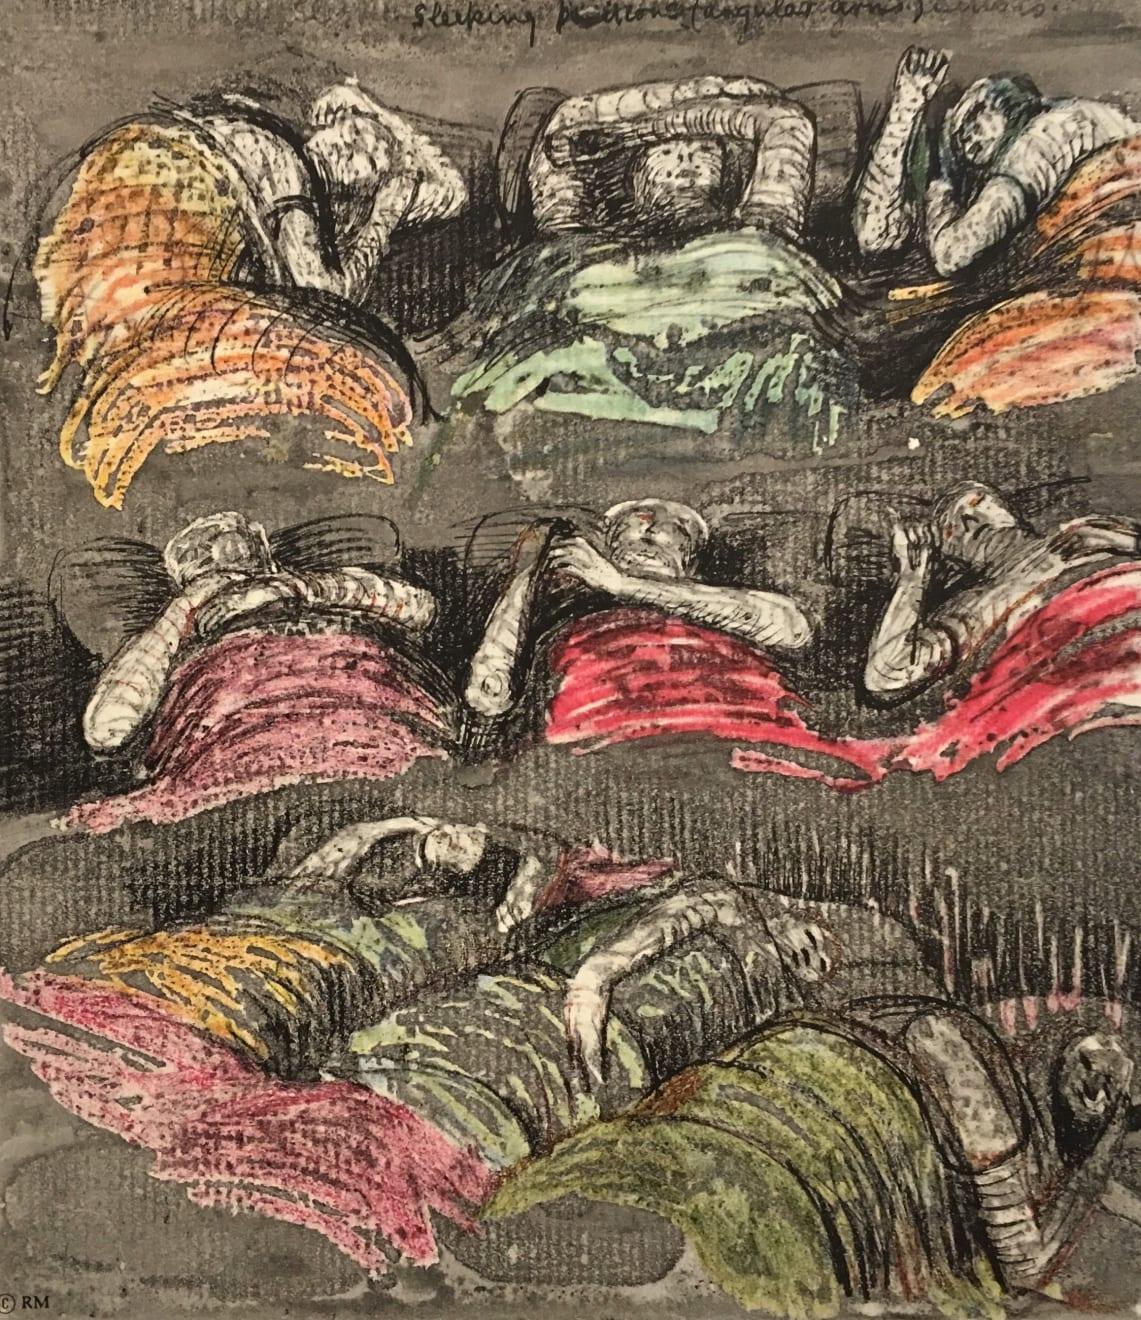 Henry Moore, Untitled LV (Shelter Sketchbook), 1967